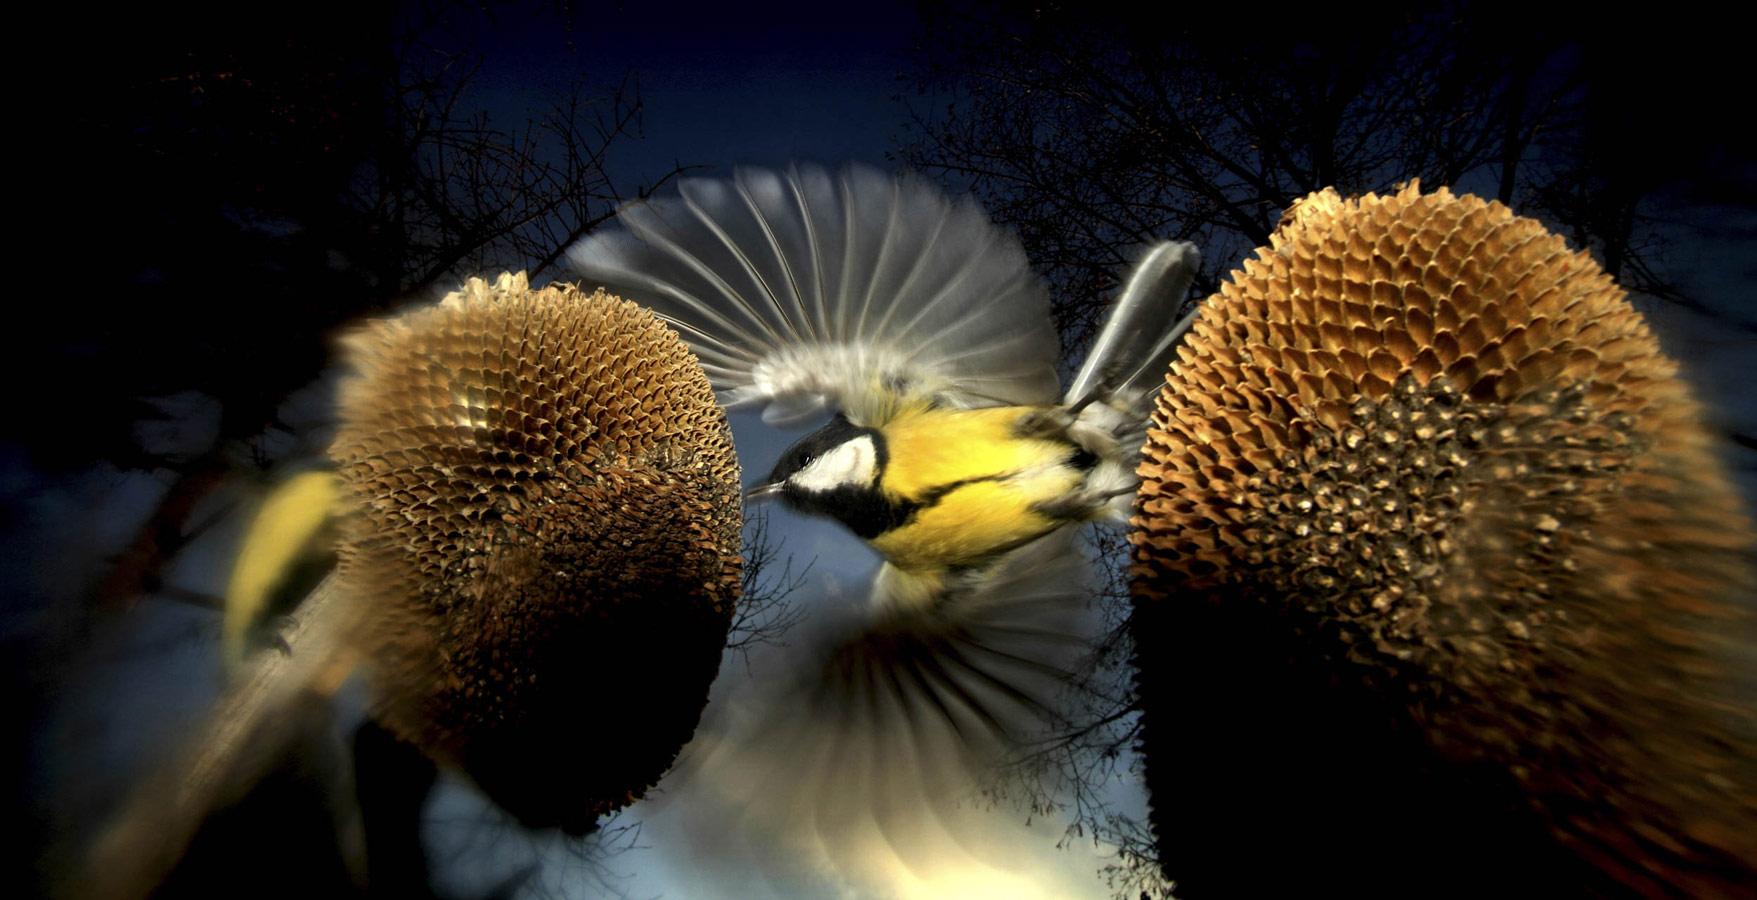 Ритзель Золтан / Ritzel Zoltán, Победитель в категории «Птицы и летучие мыши», Фотоконкурс Oasis Photo Contest